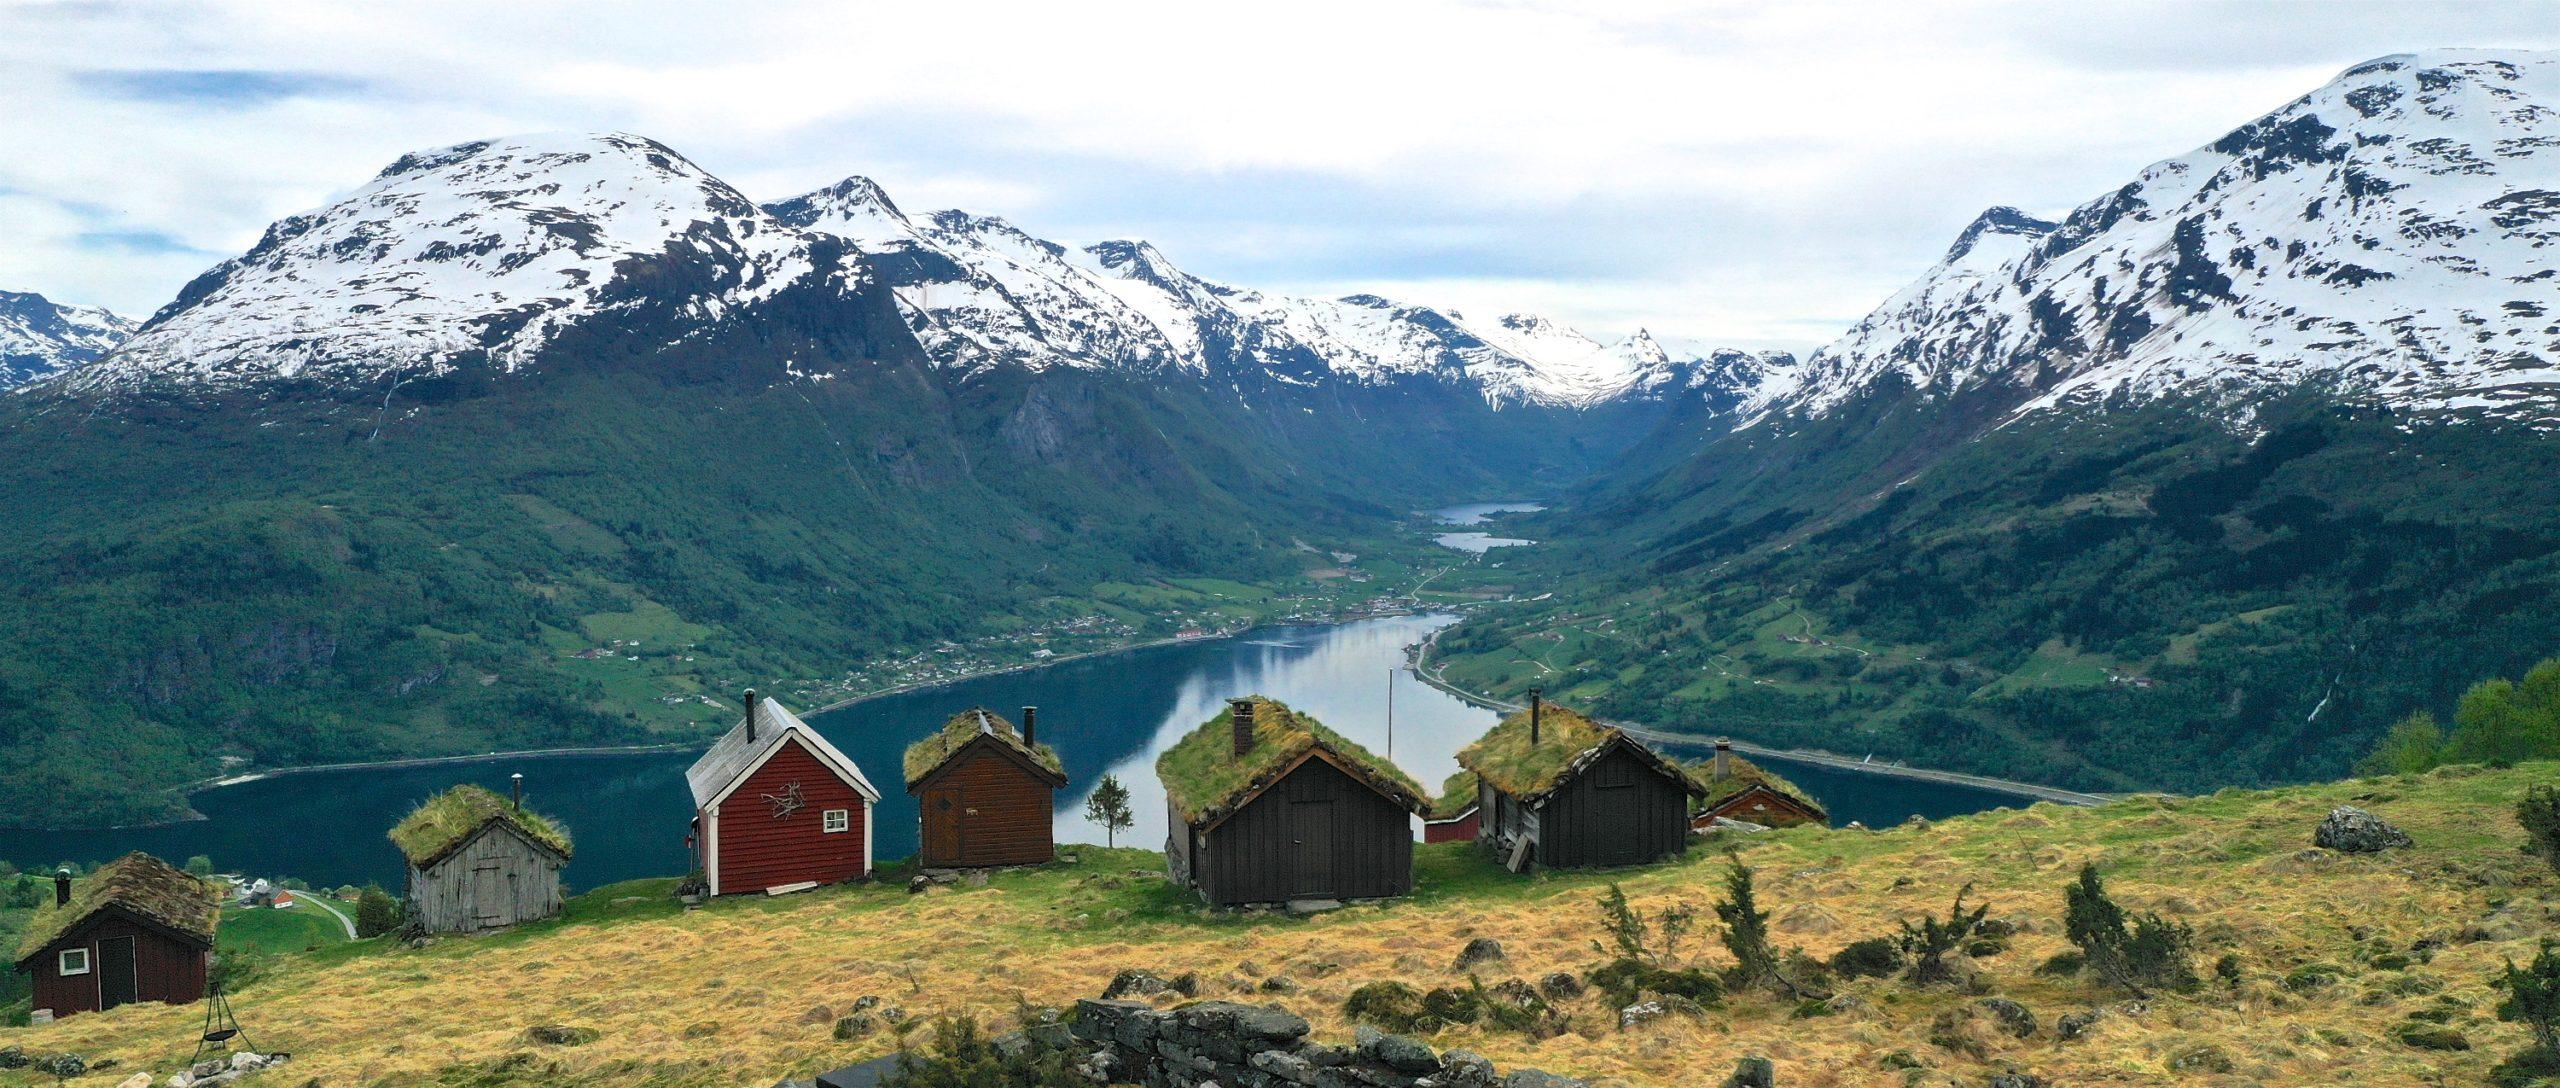 FJORDS NORWAY - Rakssetra in Nordfjord